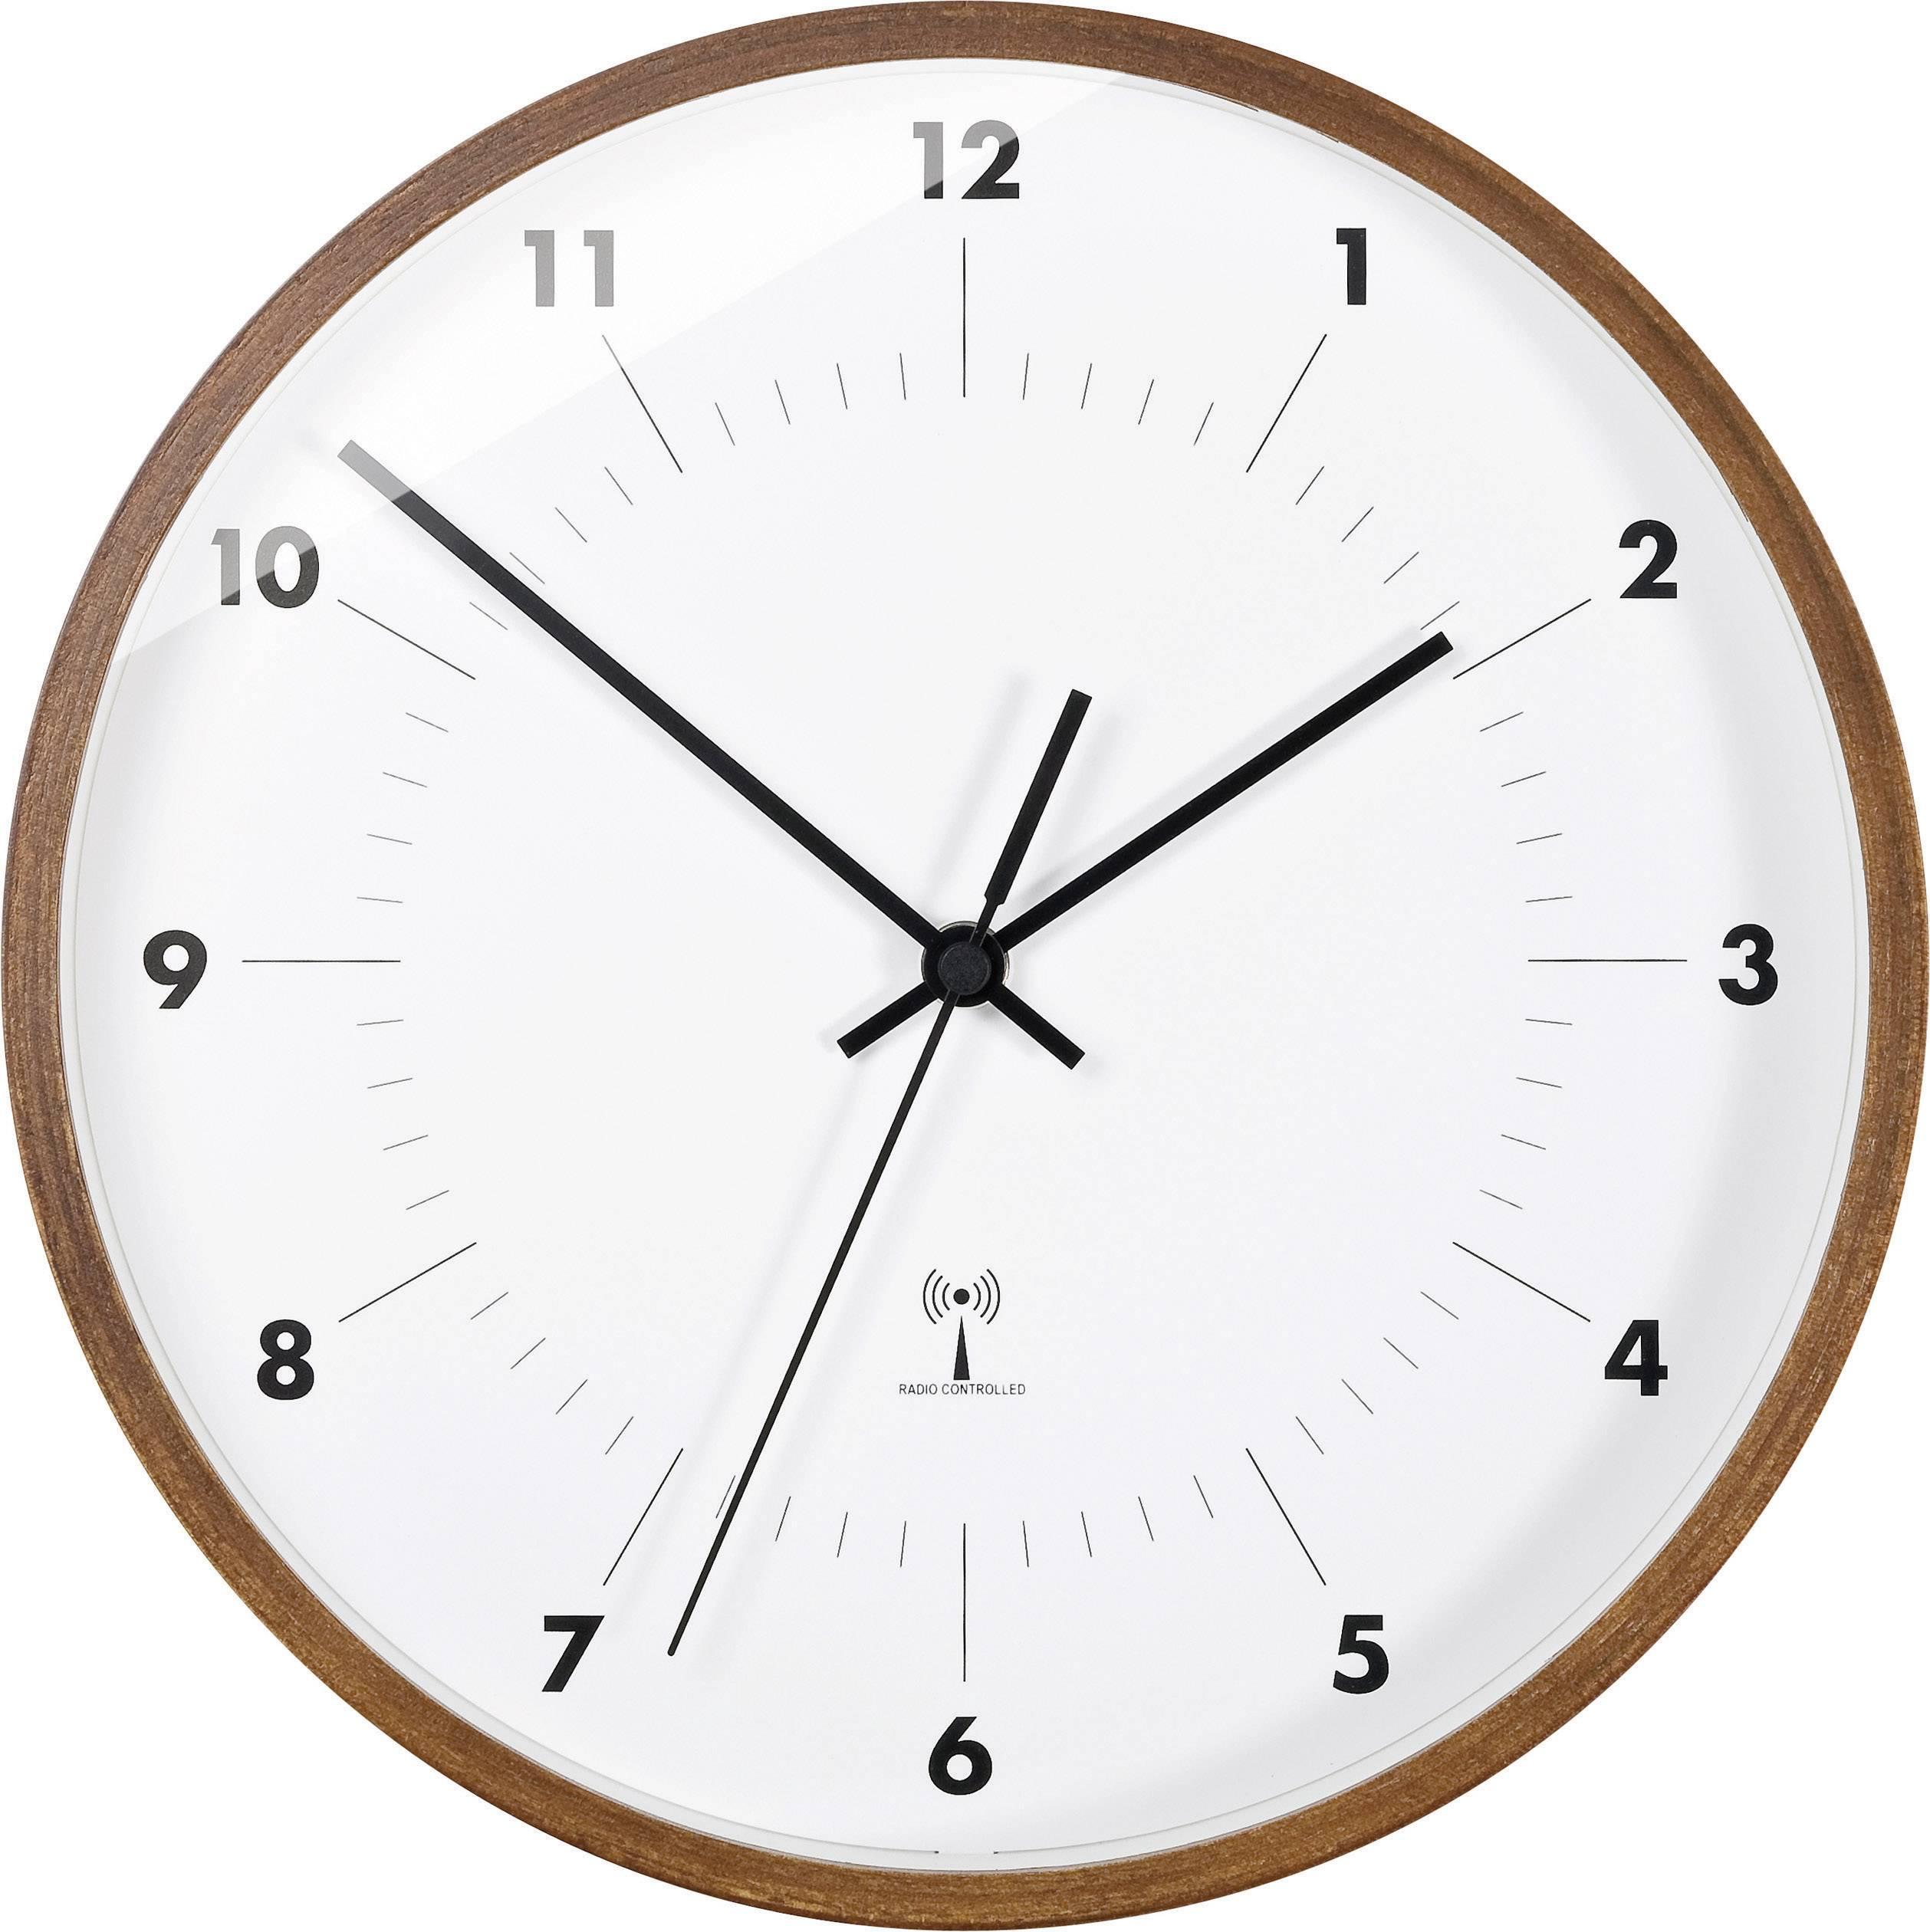 Analógové nástenné DCF hodiny TFA 98.1097 Ø 25,5 x 5 cm, drevo